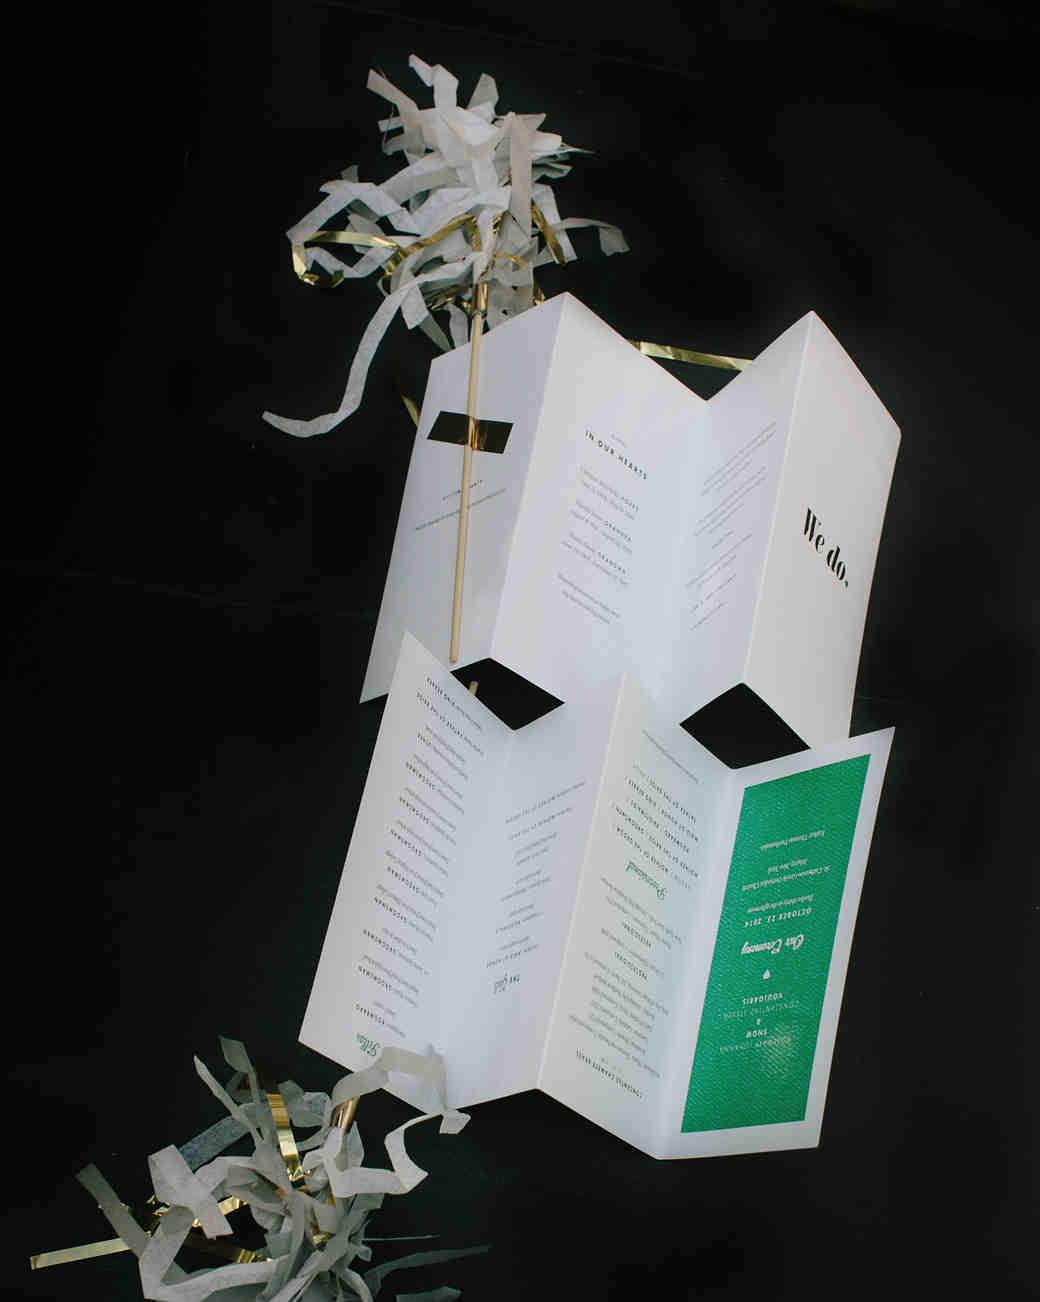 rosie-constantine-wedding-program-3-s112177-1015.jpg